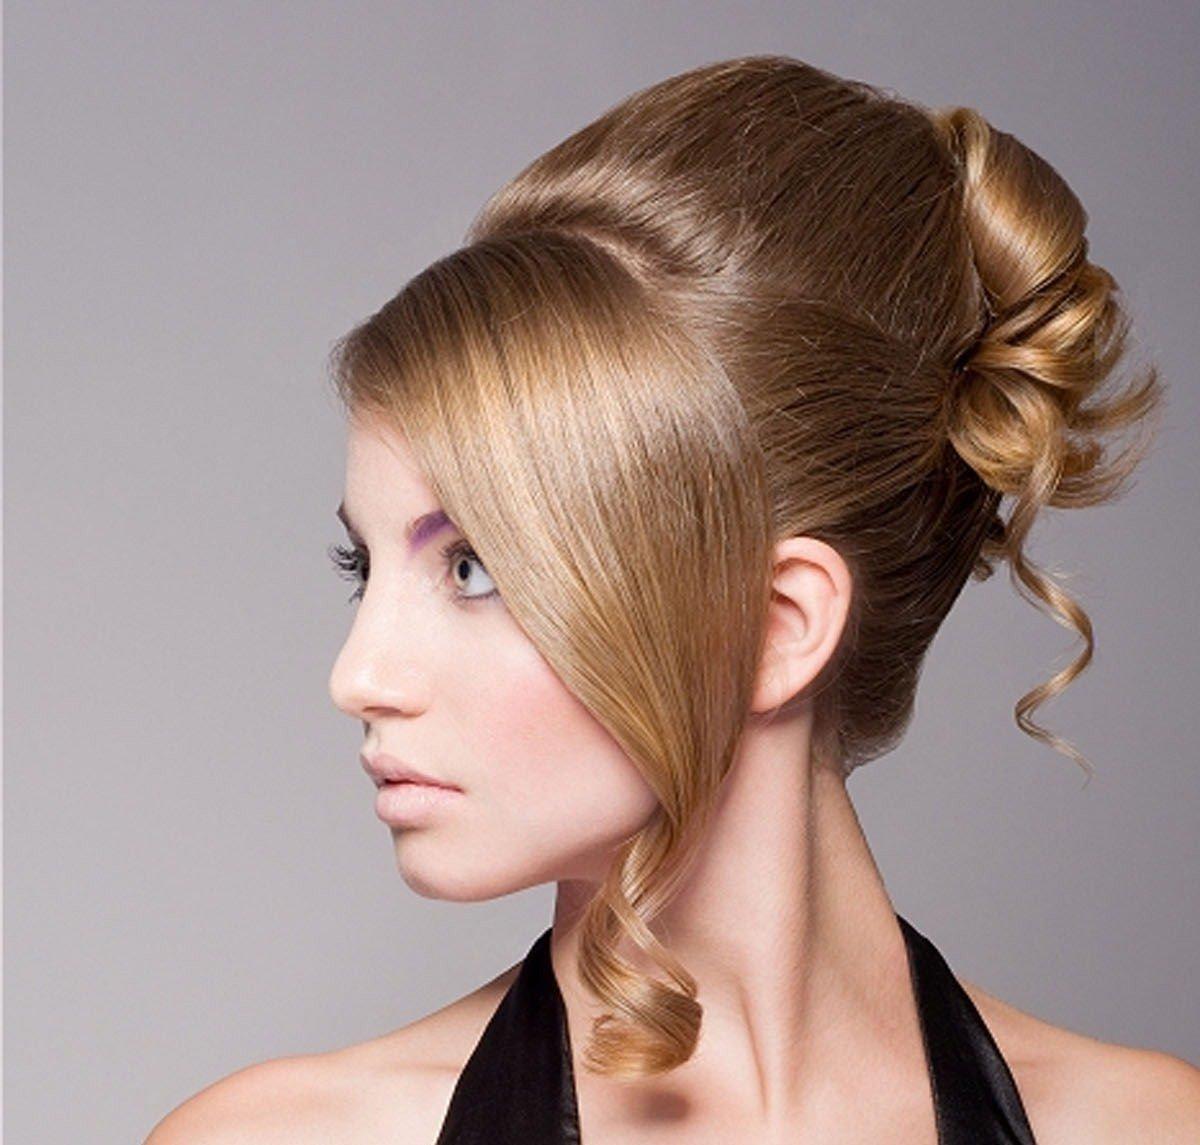 Прически вечерние на длинные волосы фото начесы